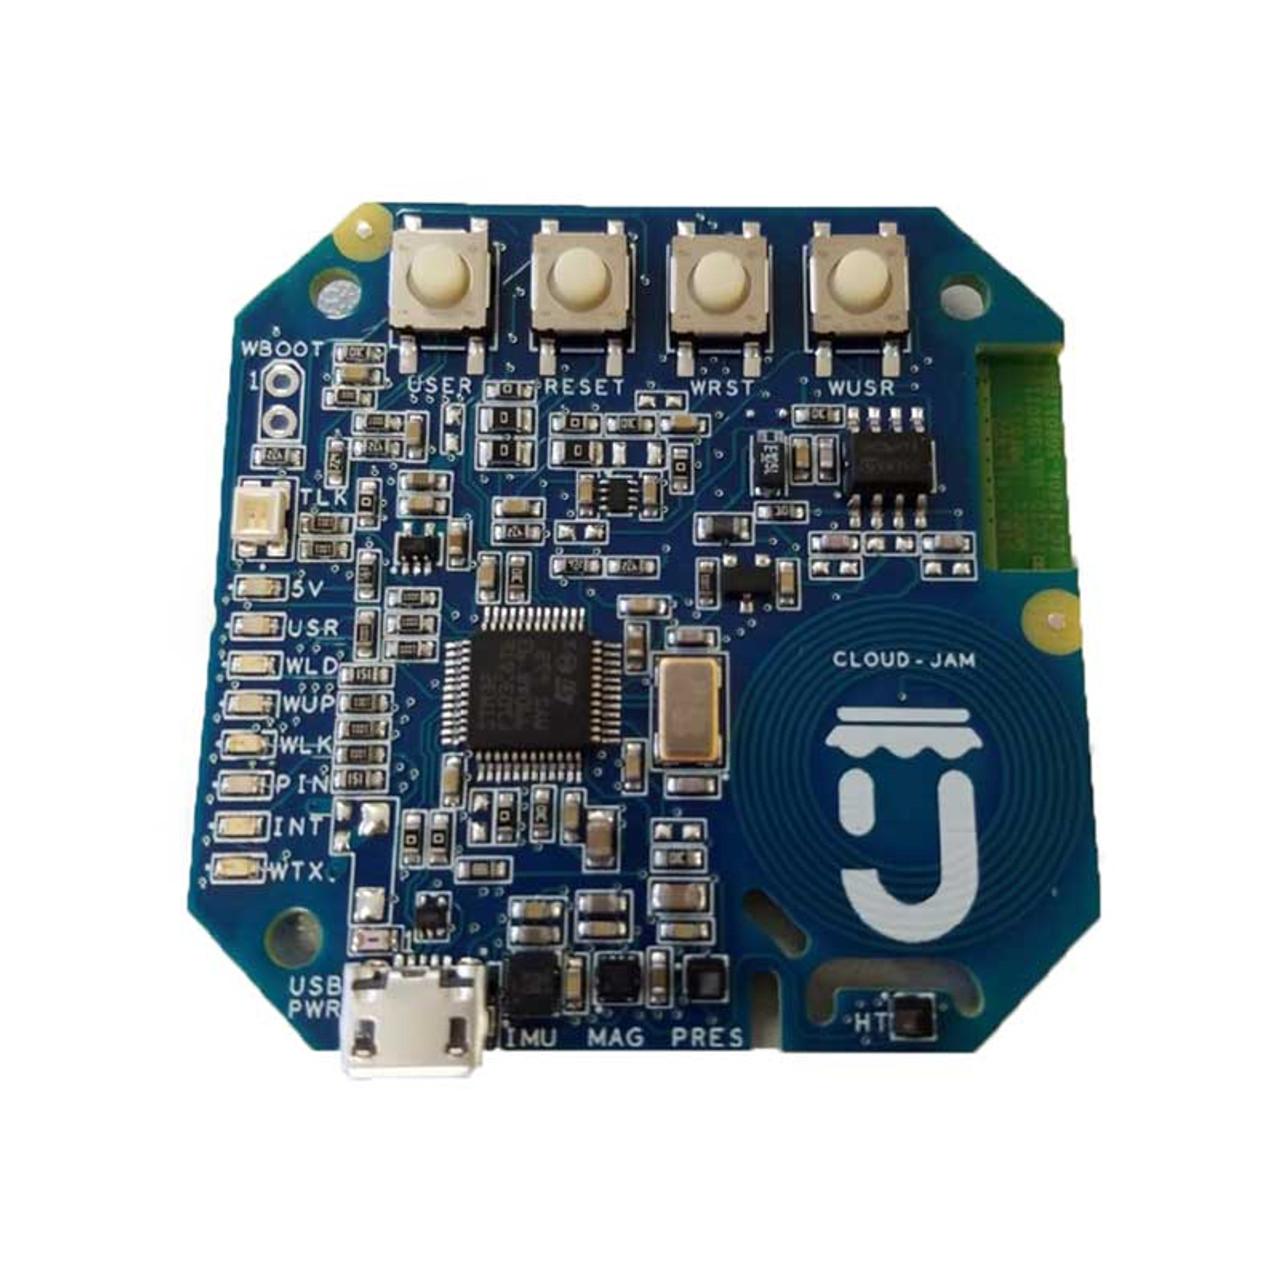 JAM STM32F4 ARM Cortex-M4 MCU Embedded Evaluation Board